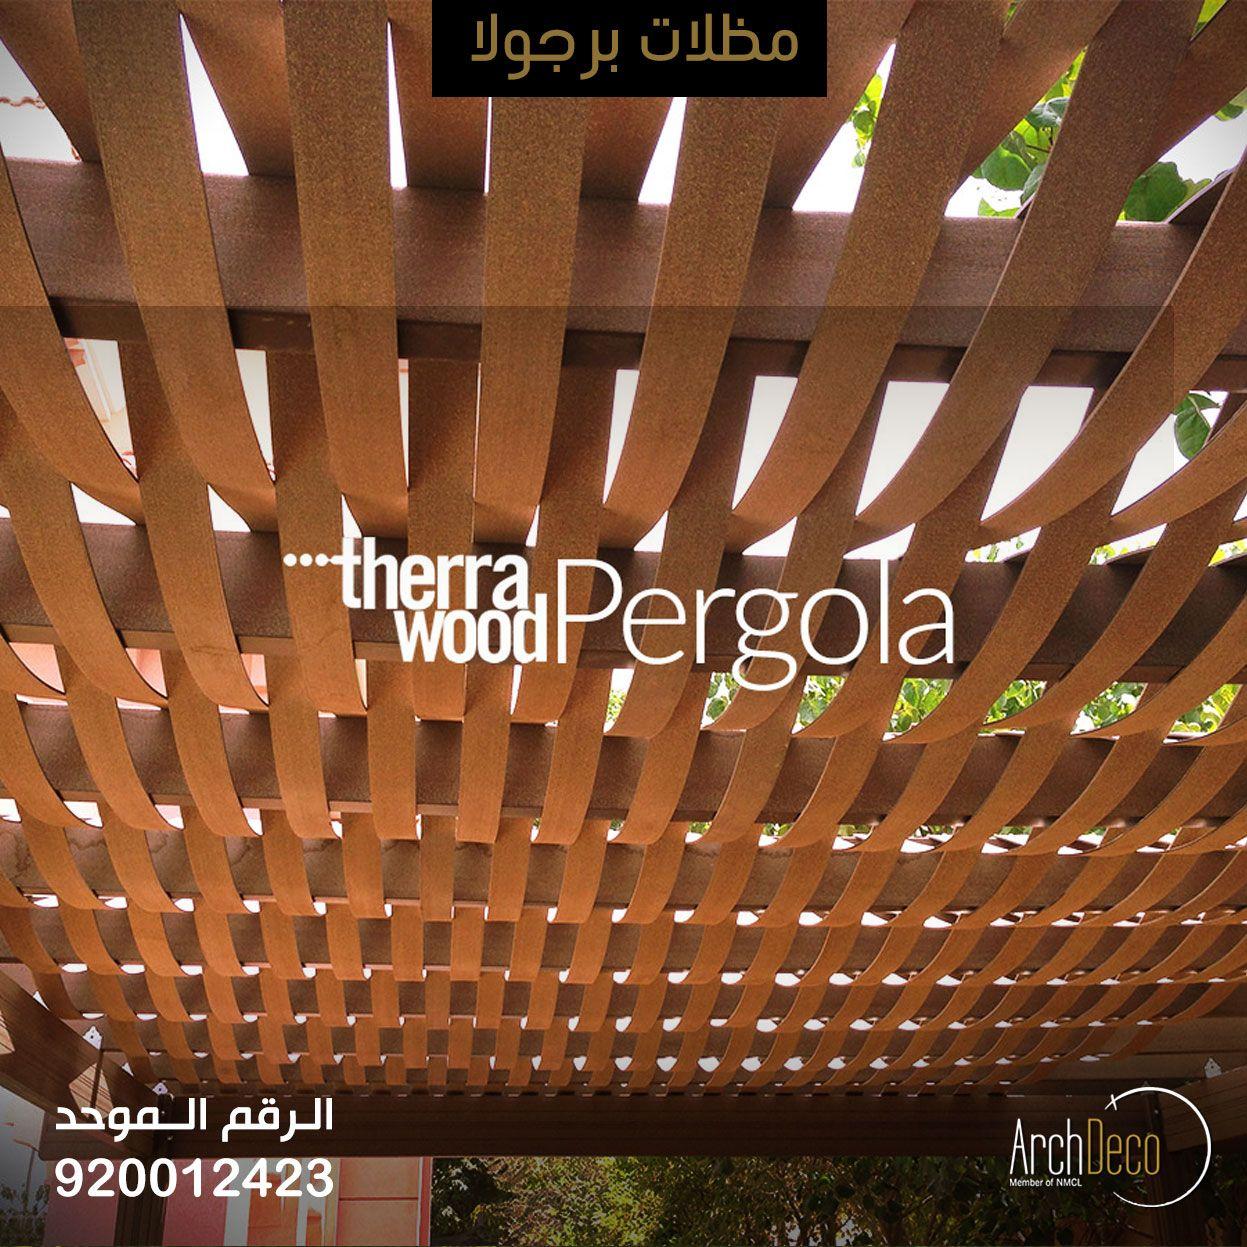 مظلات برجولا Wood Pergola Garden Tools Pergola